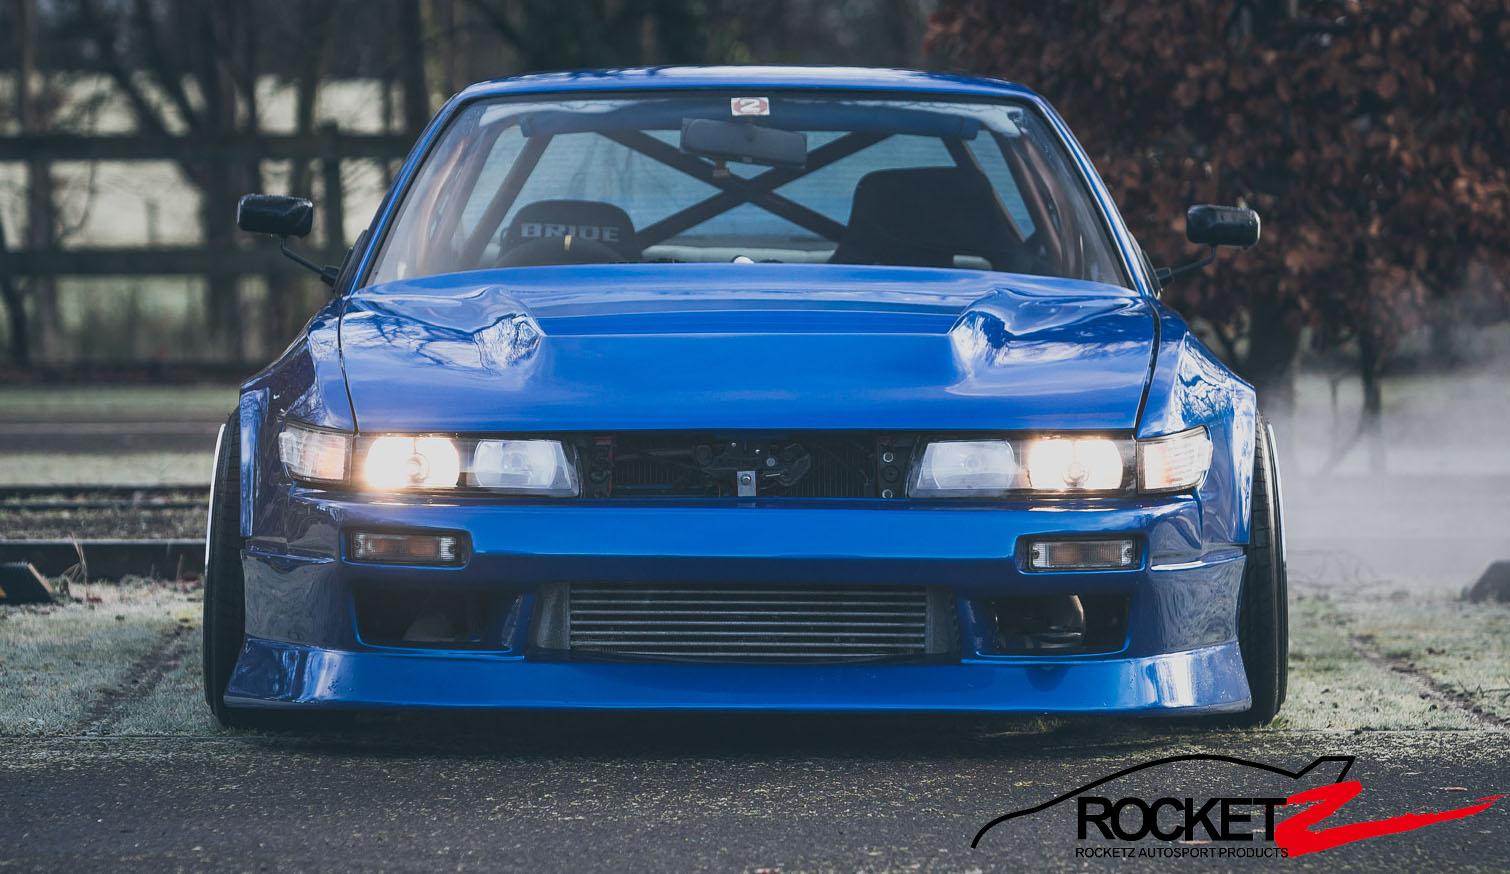 S13 Bn Style Front Bumper Rocketz Autosport